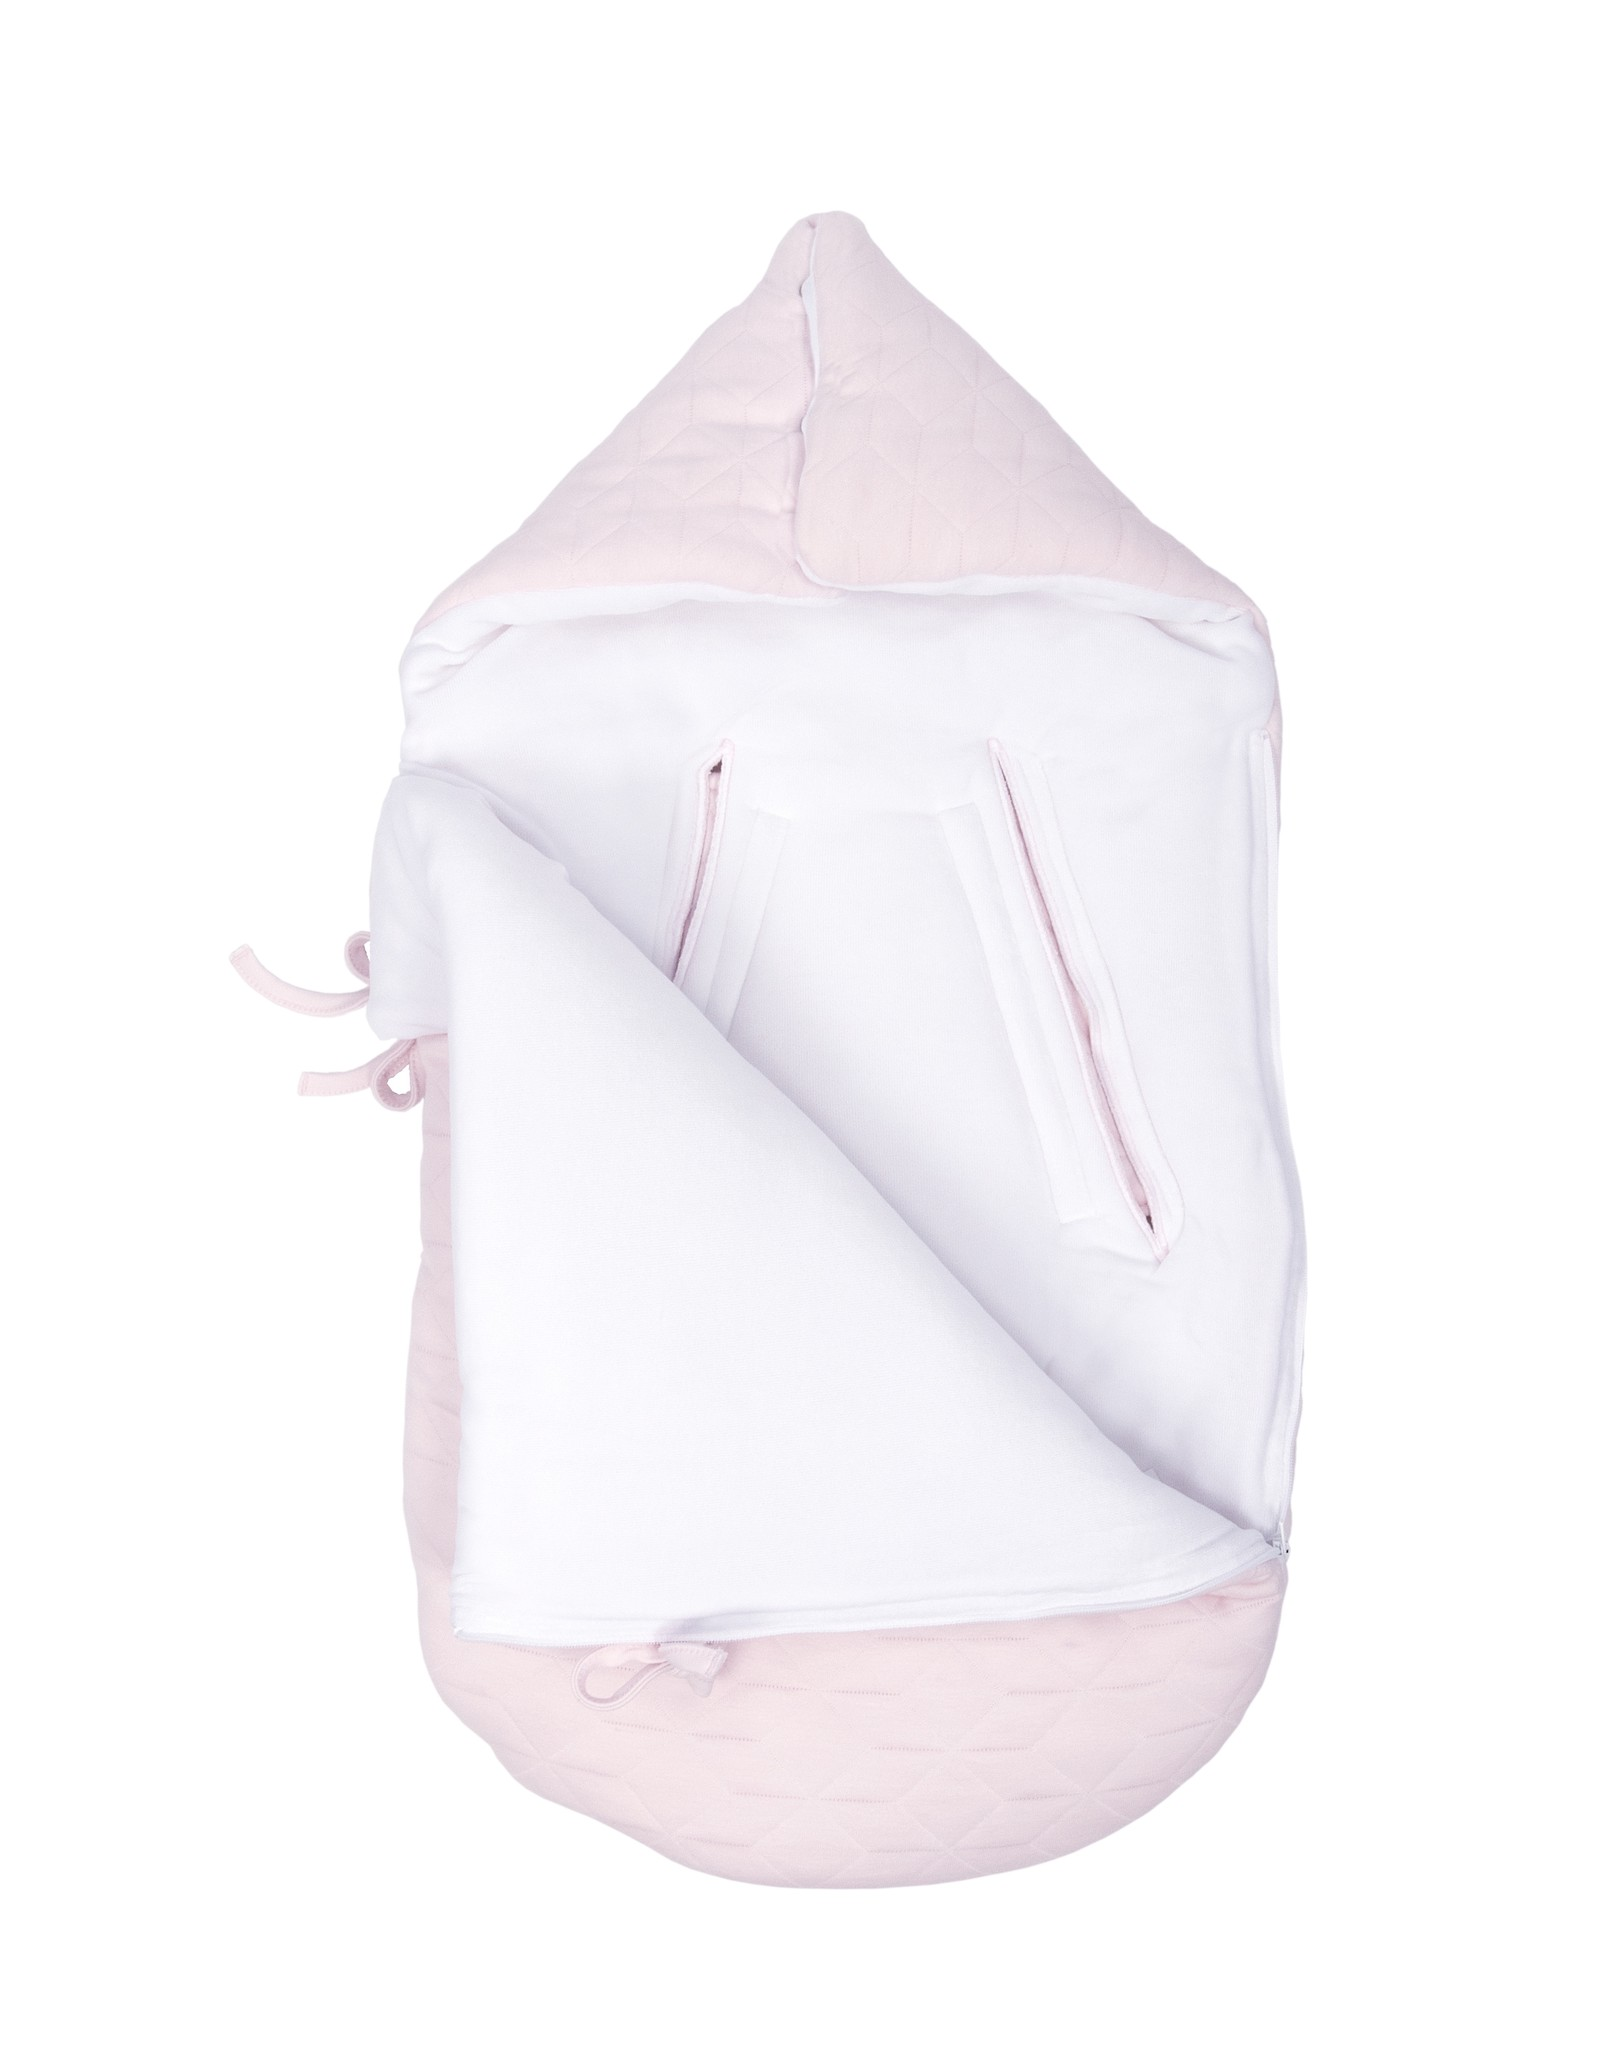 Nid d'ange bébé 5 points Star Soft Pink-6